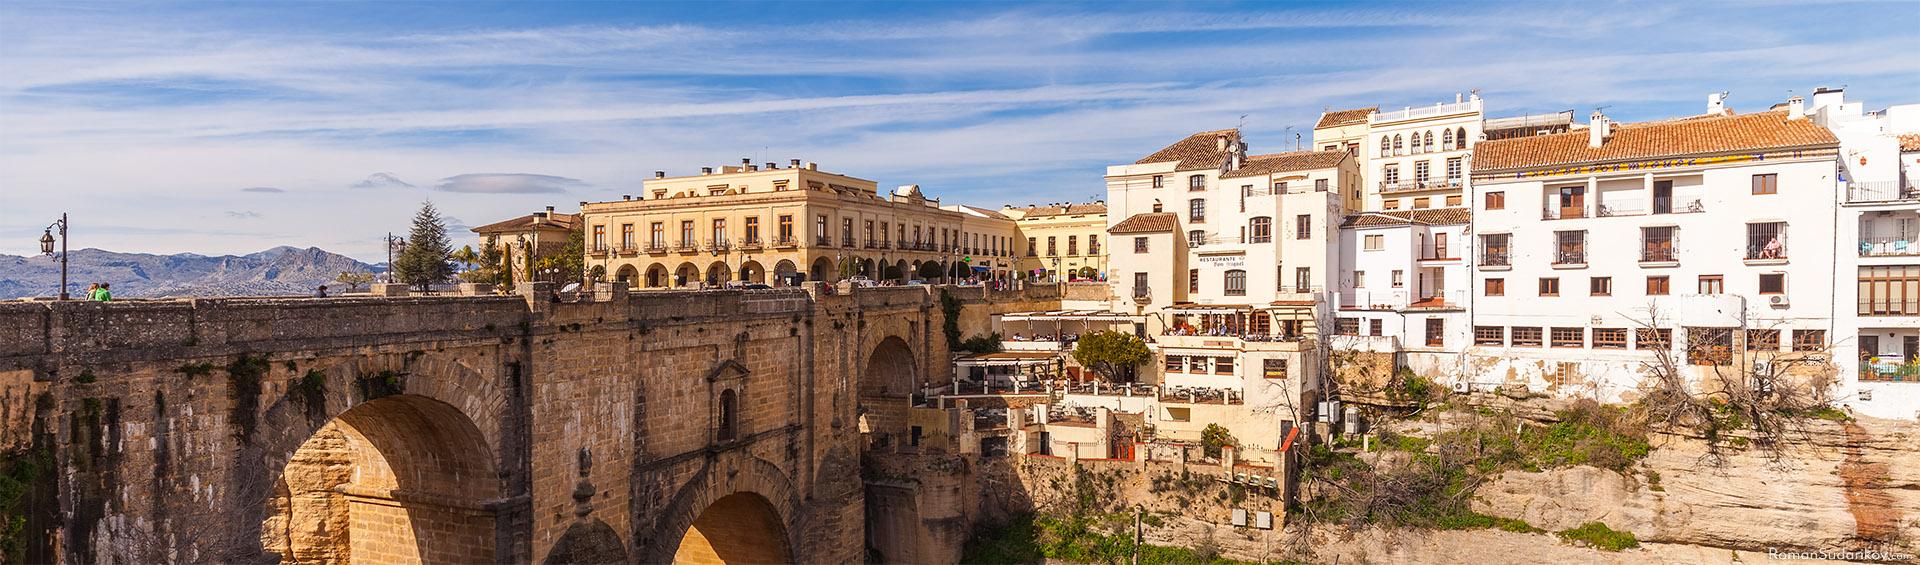 Трёхарочный мост Пуэнте Нуэво, что означает «Новый Мост», через ущелье Эль Тахо, соединяет старую и новую части города. Это вид с его восточной стороны. Андалусия, Испания.